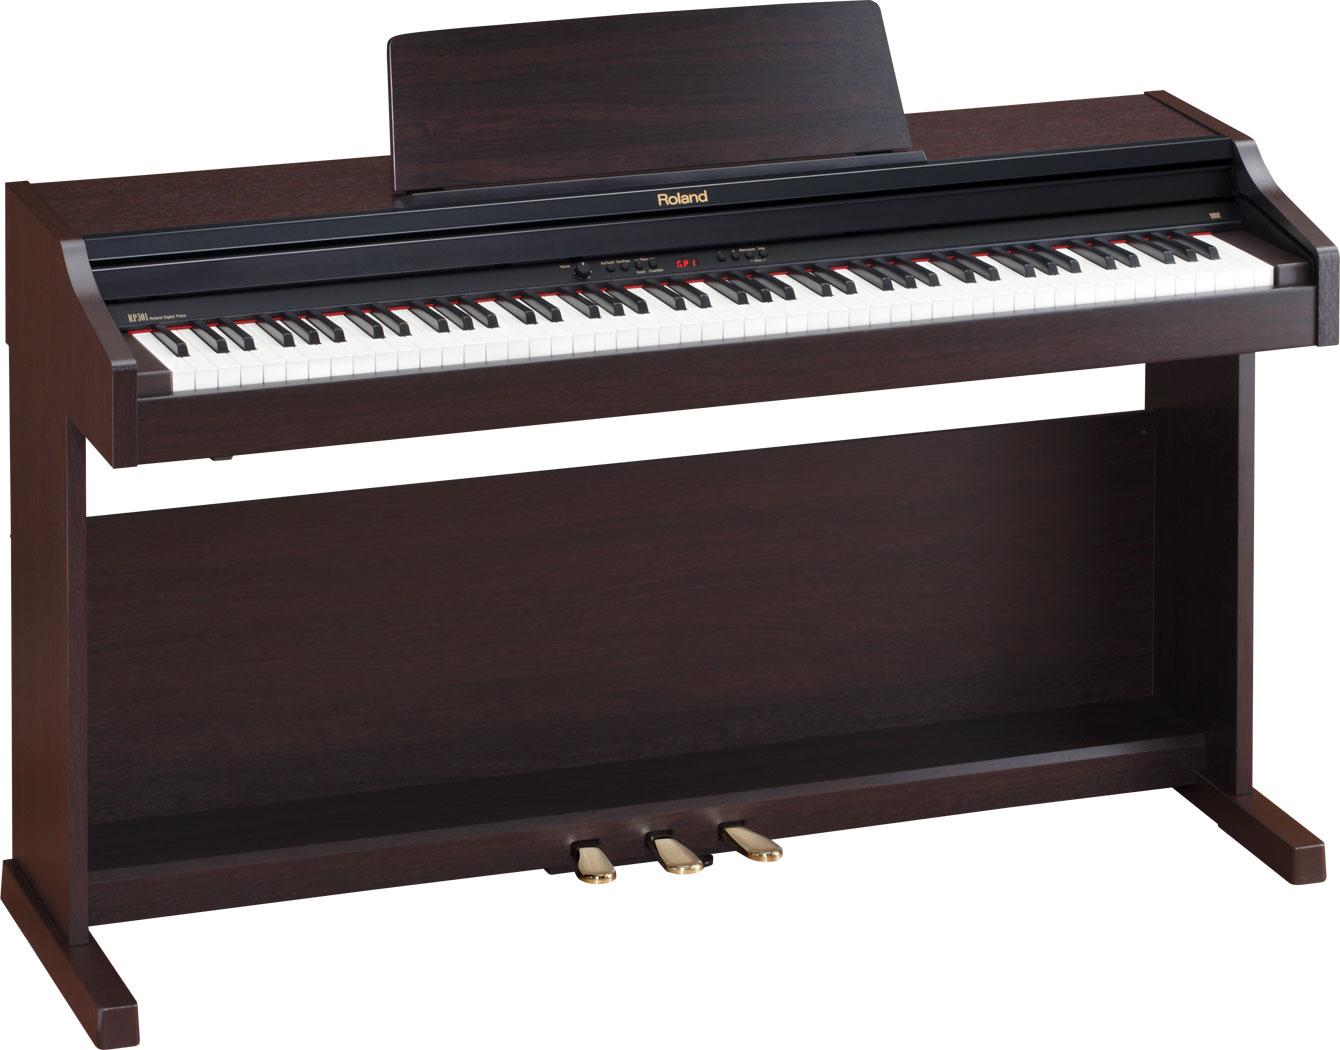 Lưu ý giúp bạn chọn mua 1 chiếc đàn piano điện